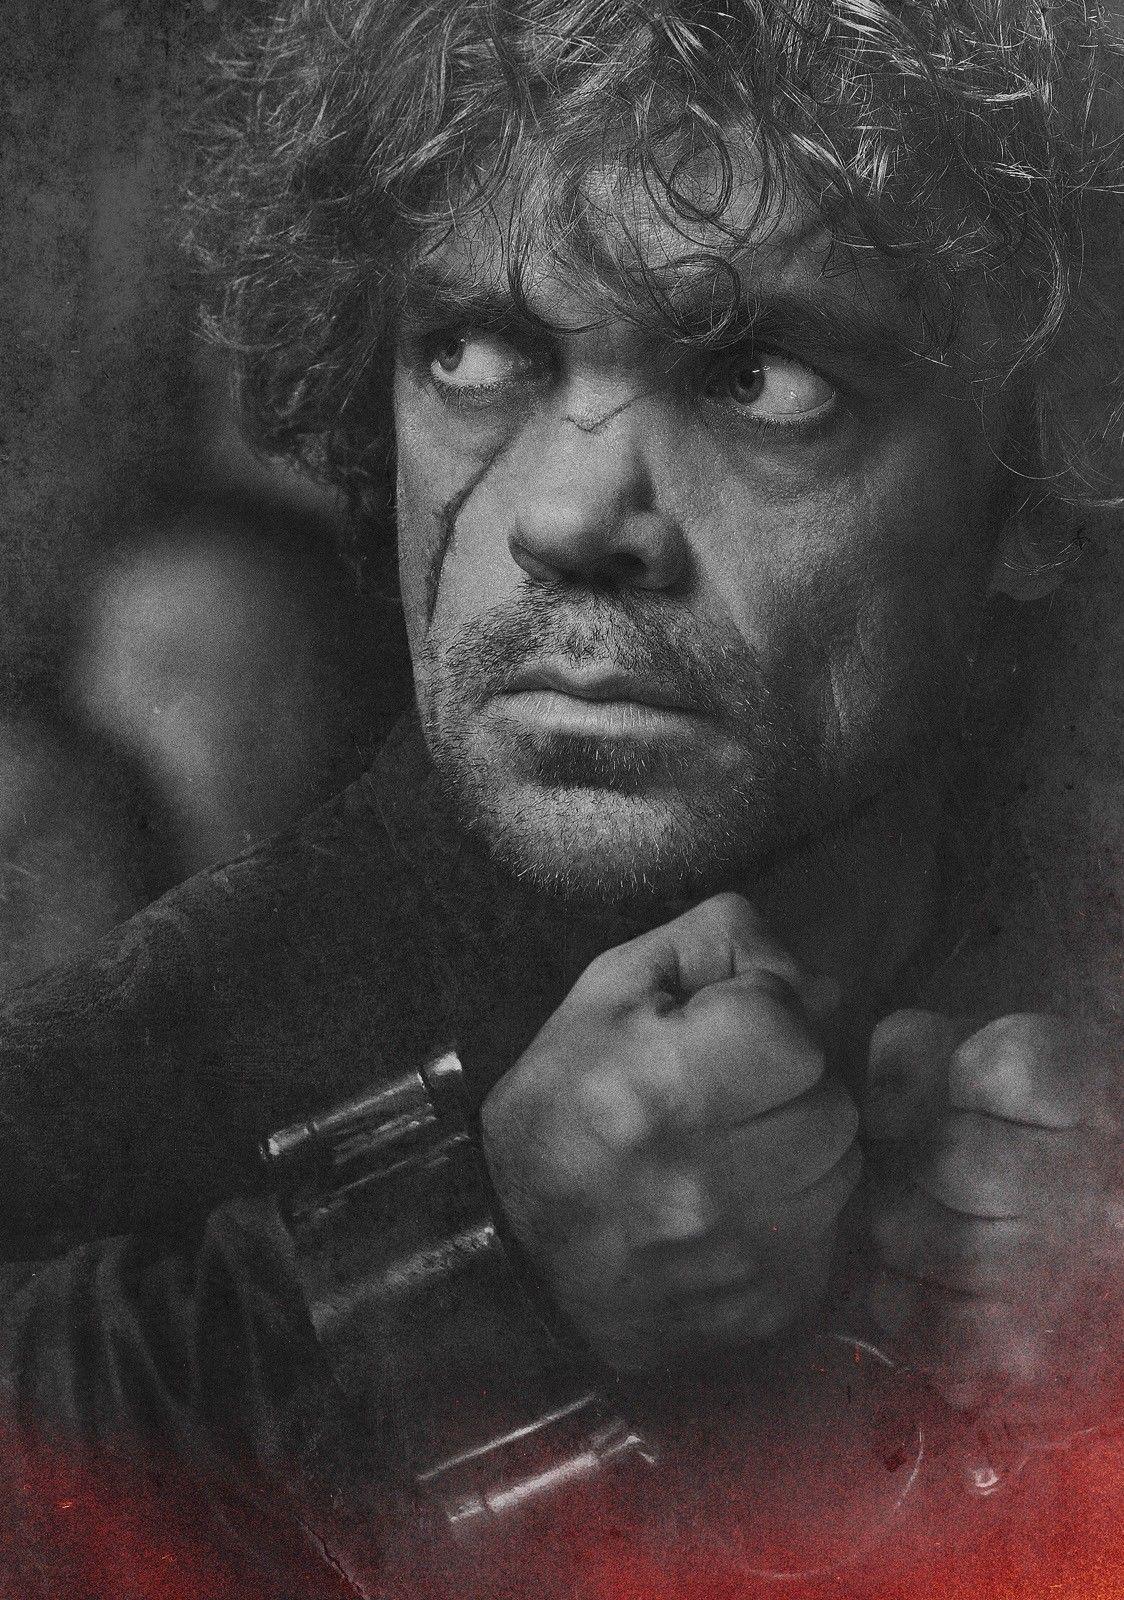 JOGO DE TRONES TV Show Arte Tyrion Lannister Peter Dinklage Art Silk Impressão Cartaz 24x36 polegada (60x90 cm)